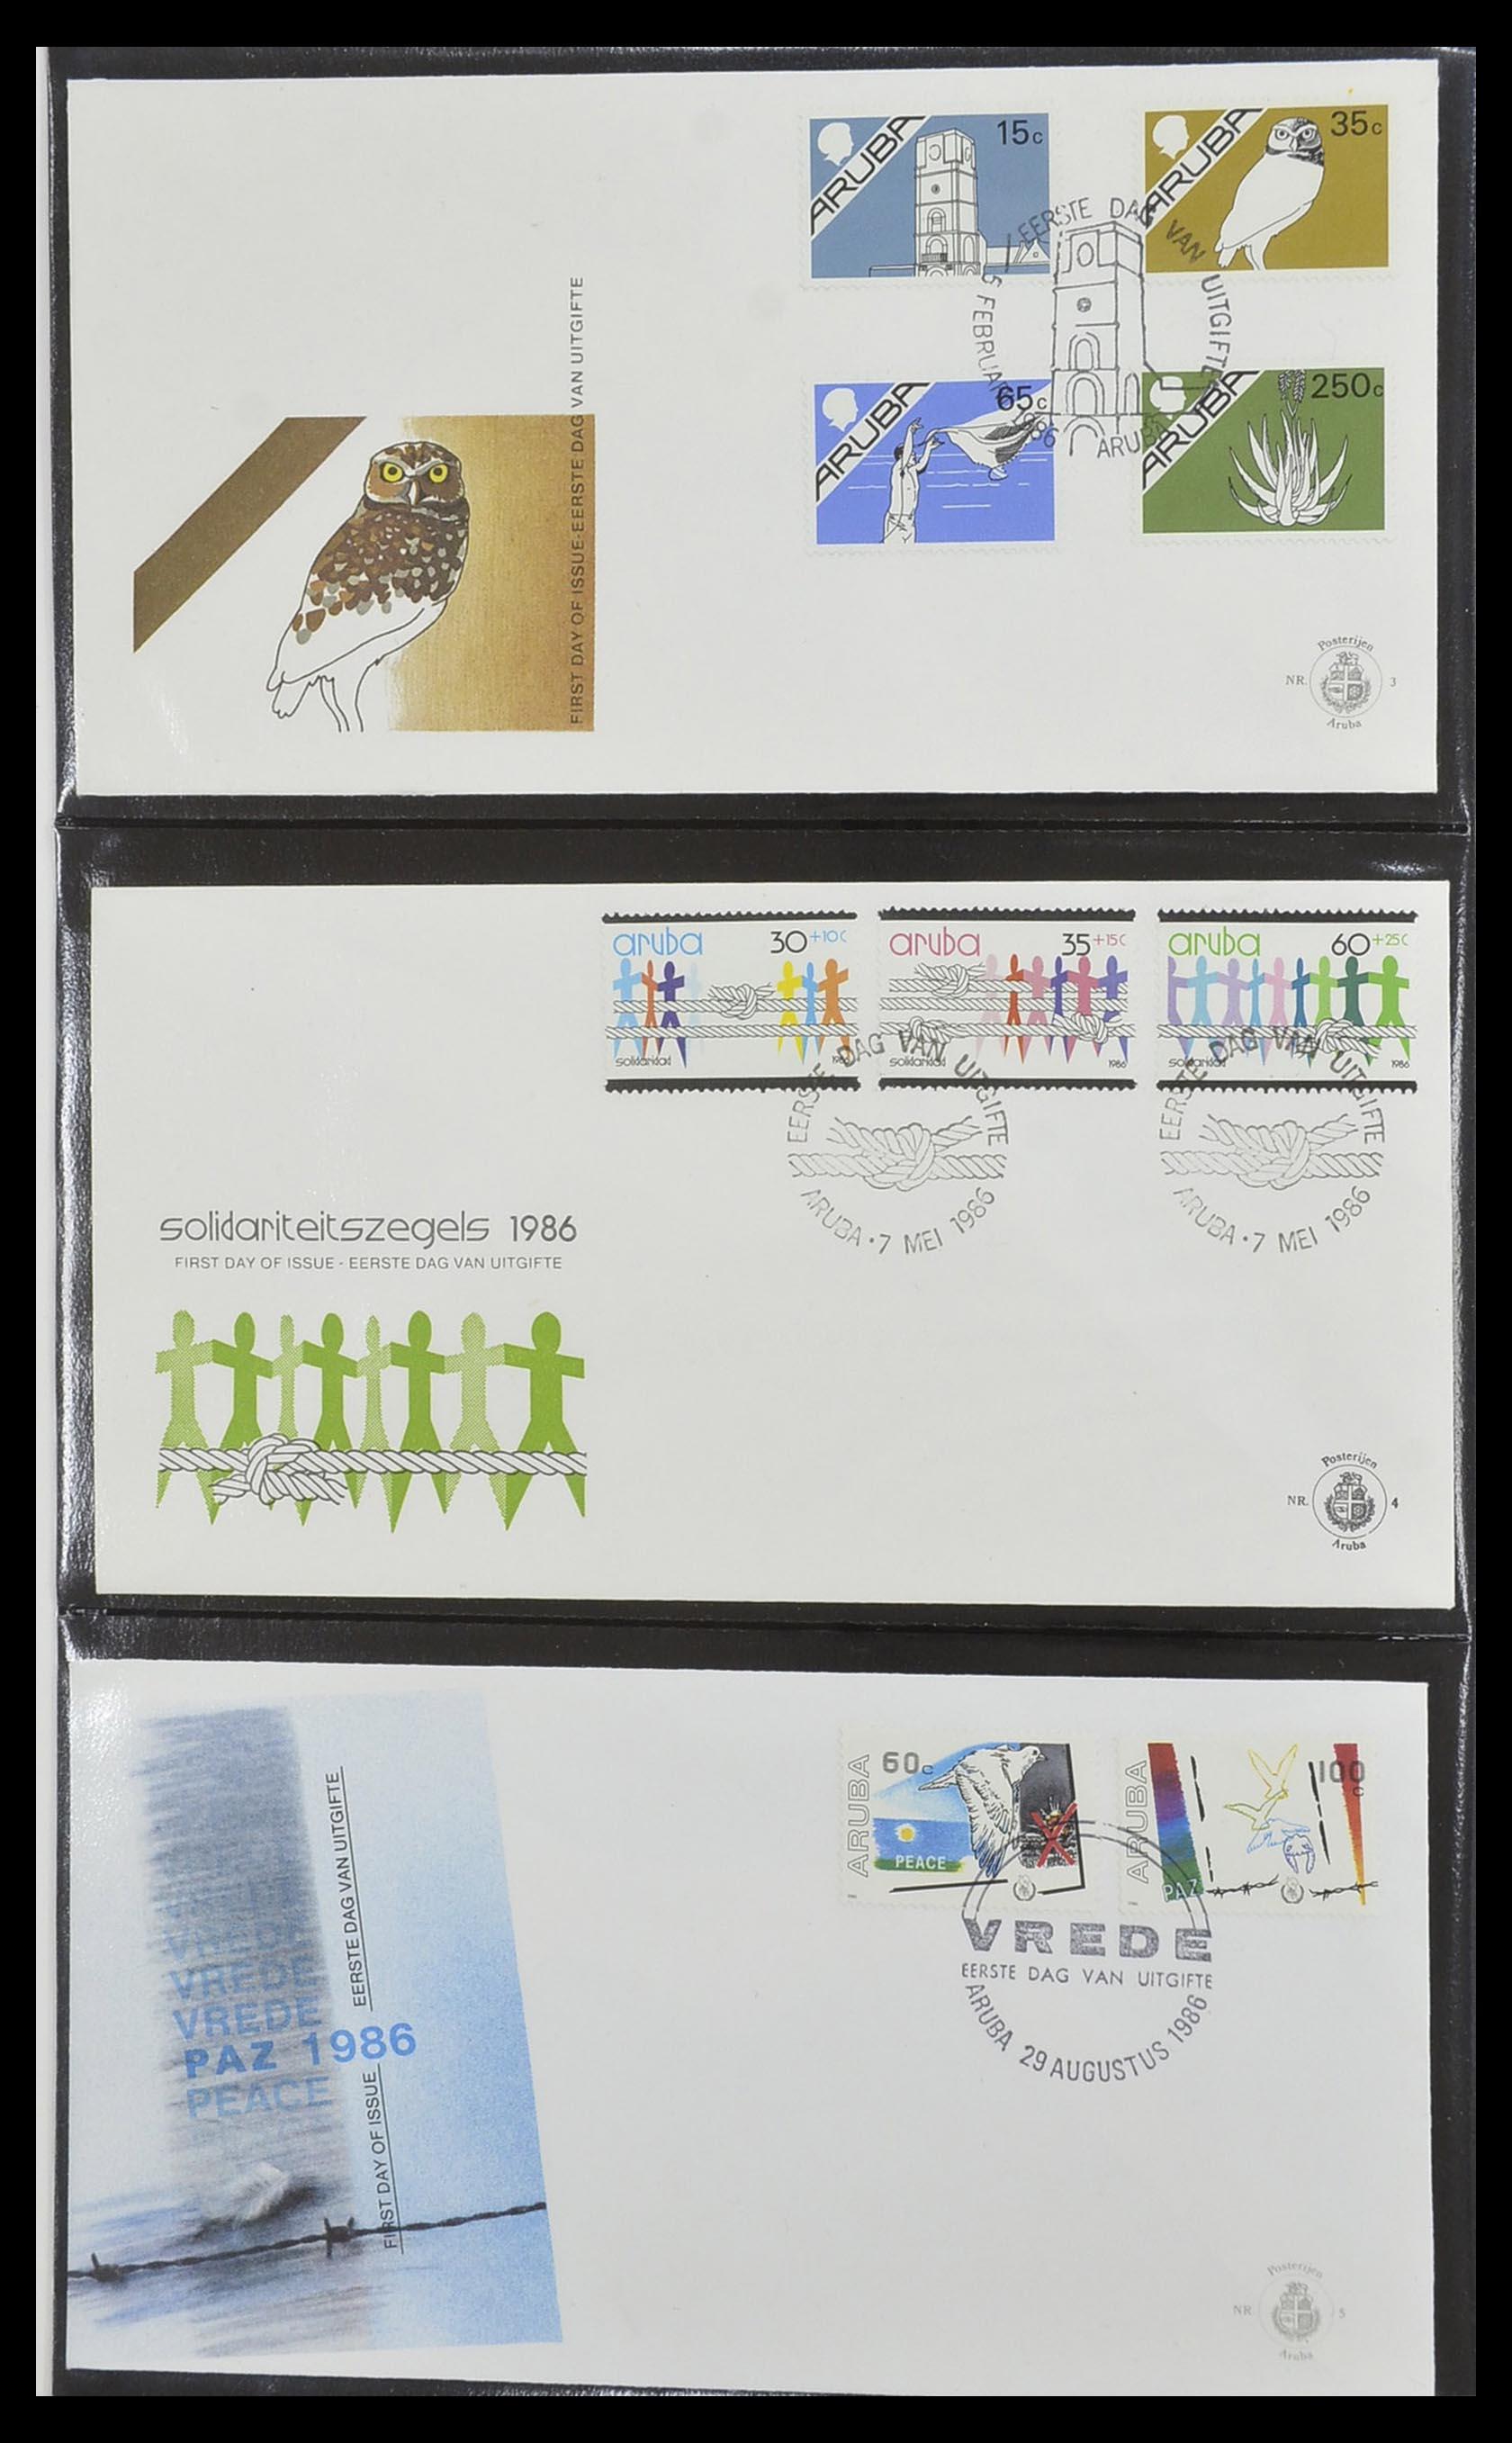 33585 002 - Postzegelverzameling 33585 Aruba FDC's 1986-2006.